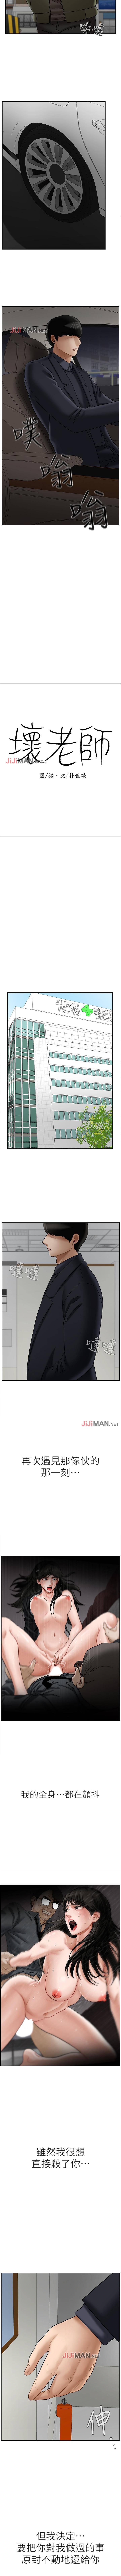 【已休刊】坏老师(作者:朴世談&福) 第1~31话 171